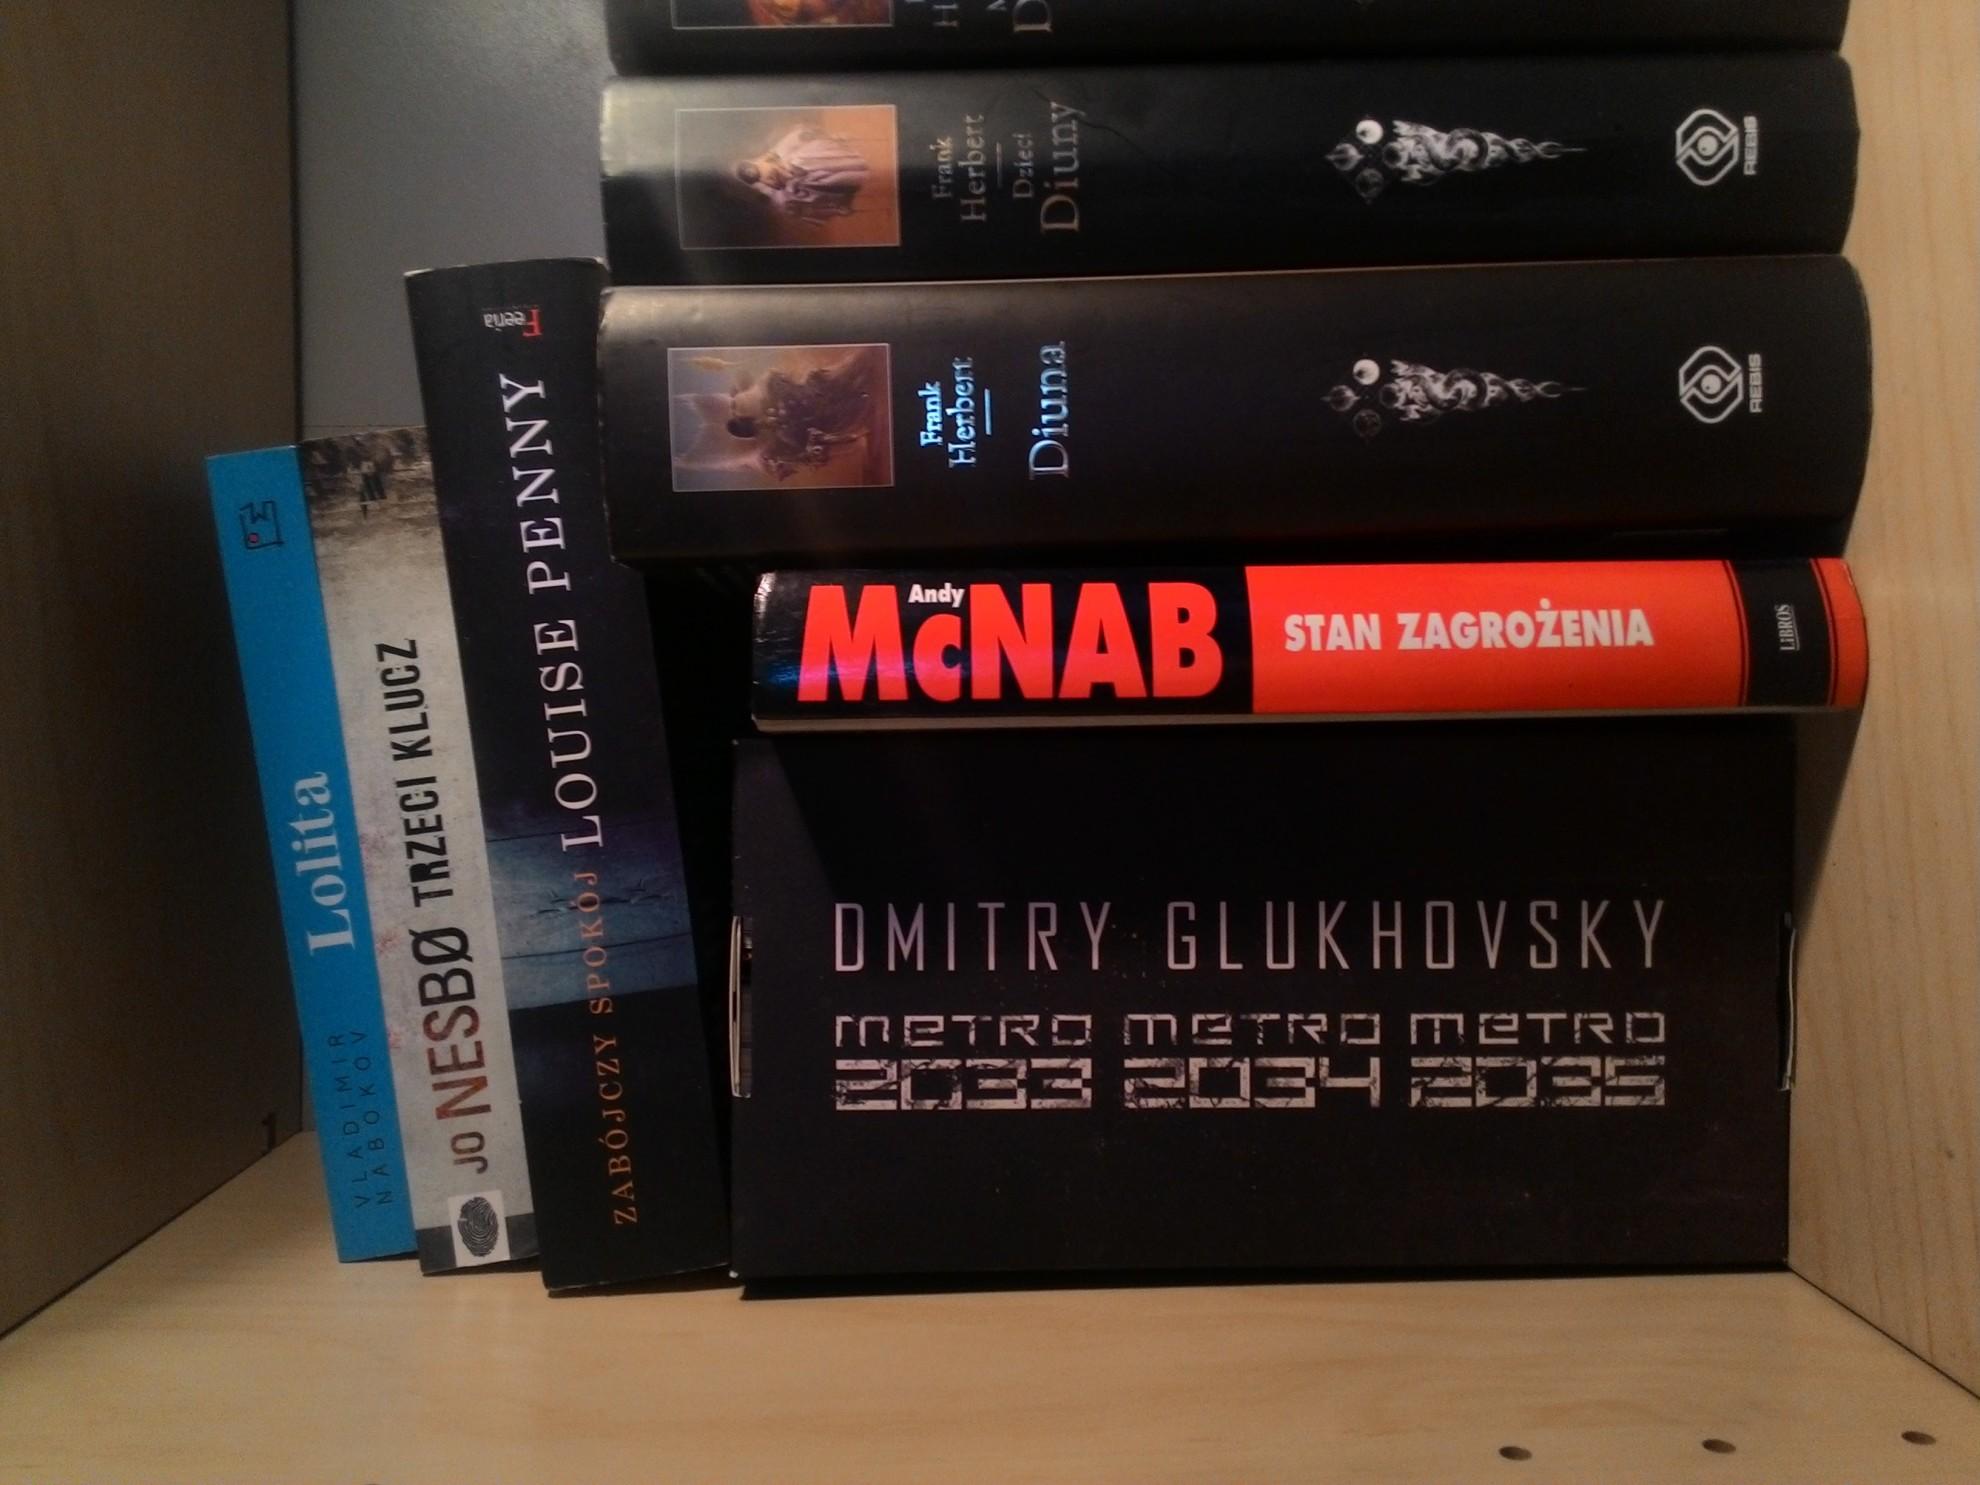 ŚBK: przykurzątka, czyli książkowe wyrzuty sumienia